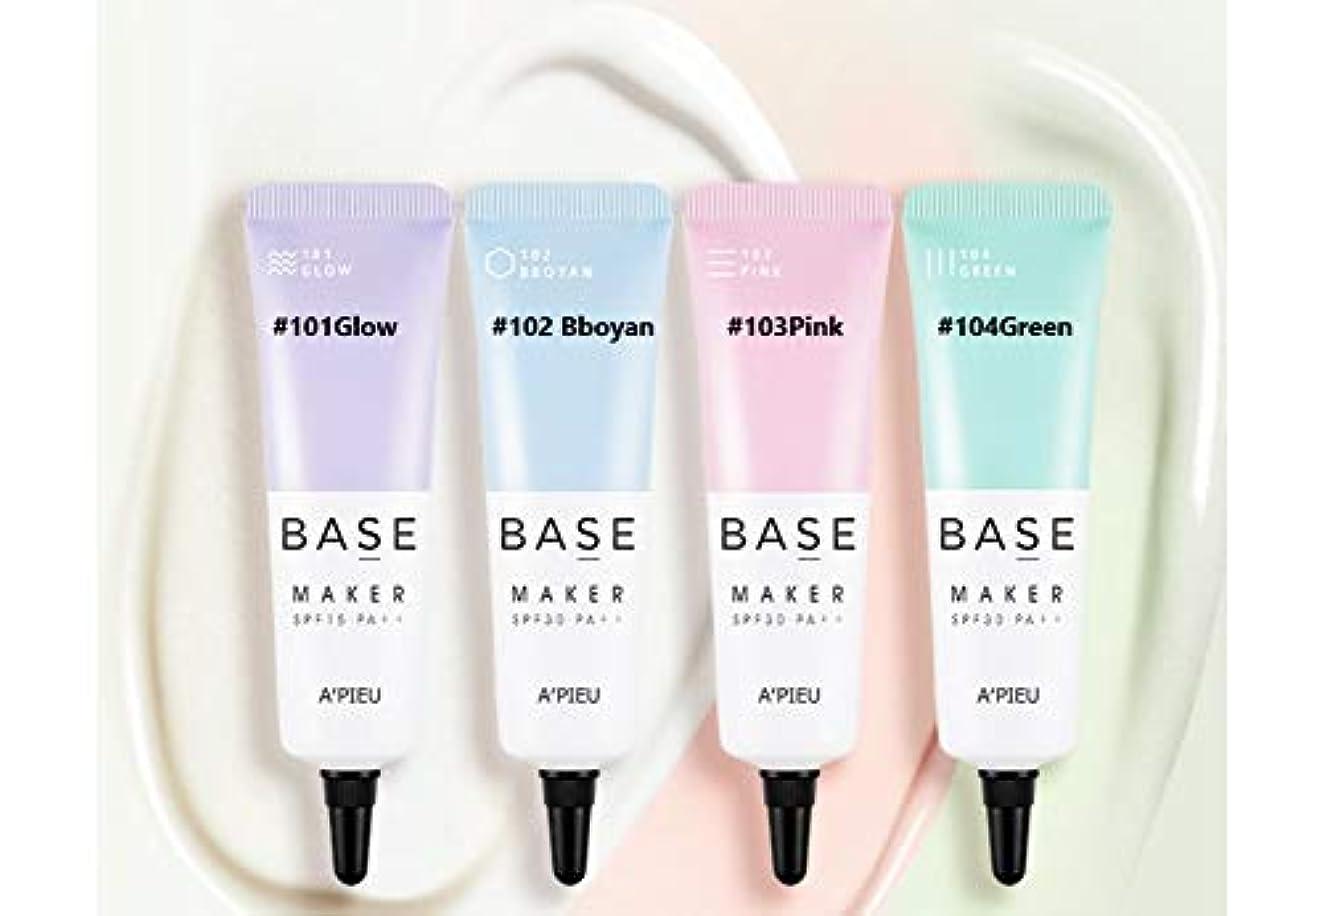 耐えるリンス痛いAPIEU☆Base Maker 20g ☆オピュ ベース メーカー20g全4色 [並行輸入品] (#102Bboyan)